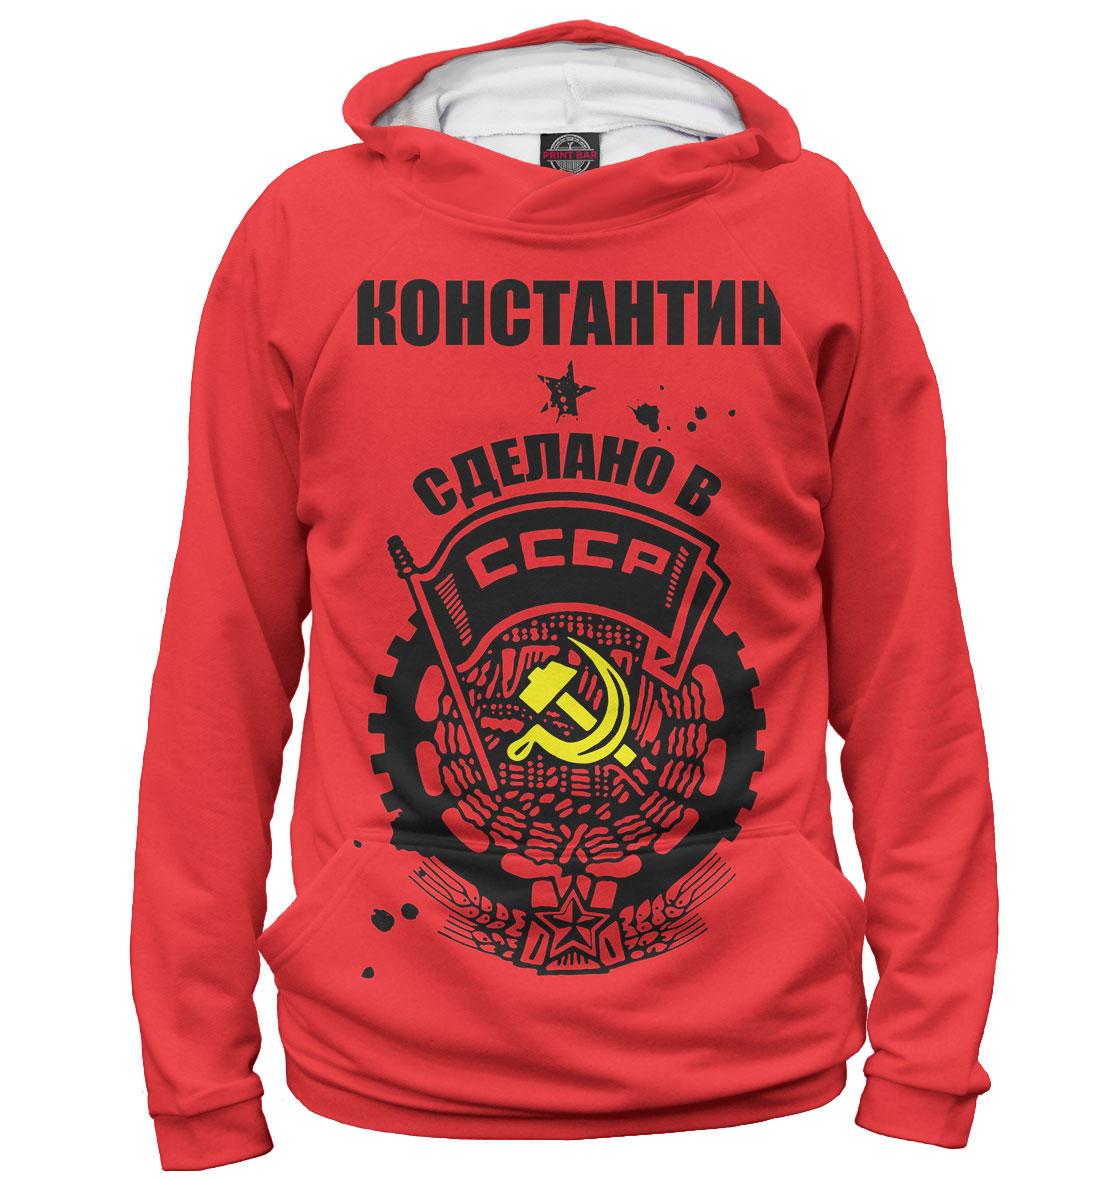 Купить Константин — сделано в СССР, Printbar, Худи, SSS-671504-hud